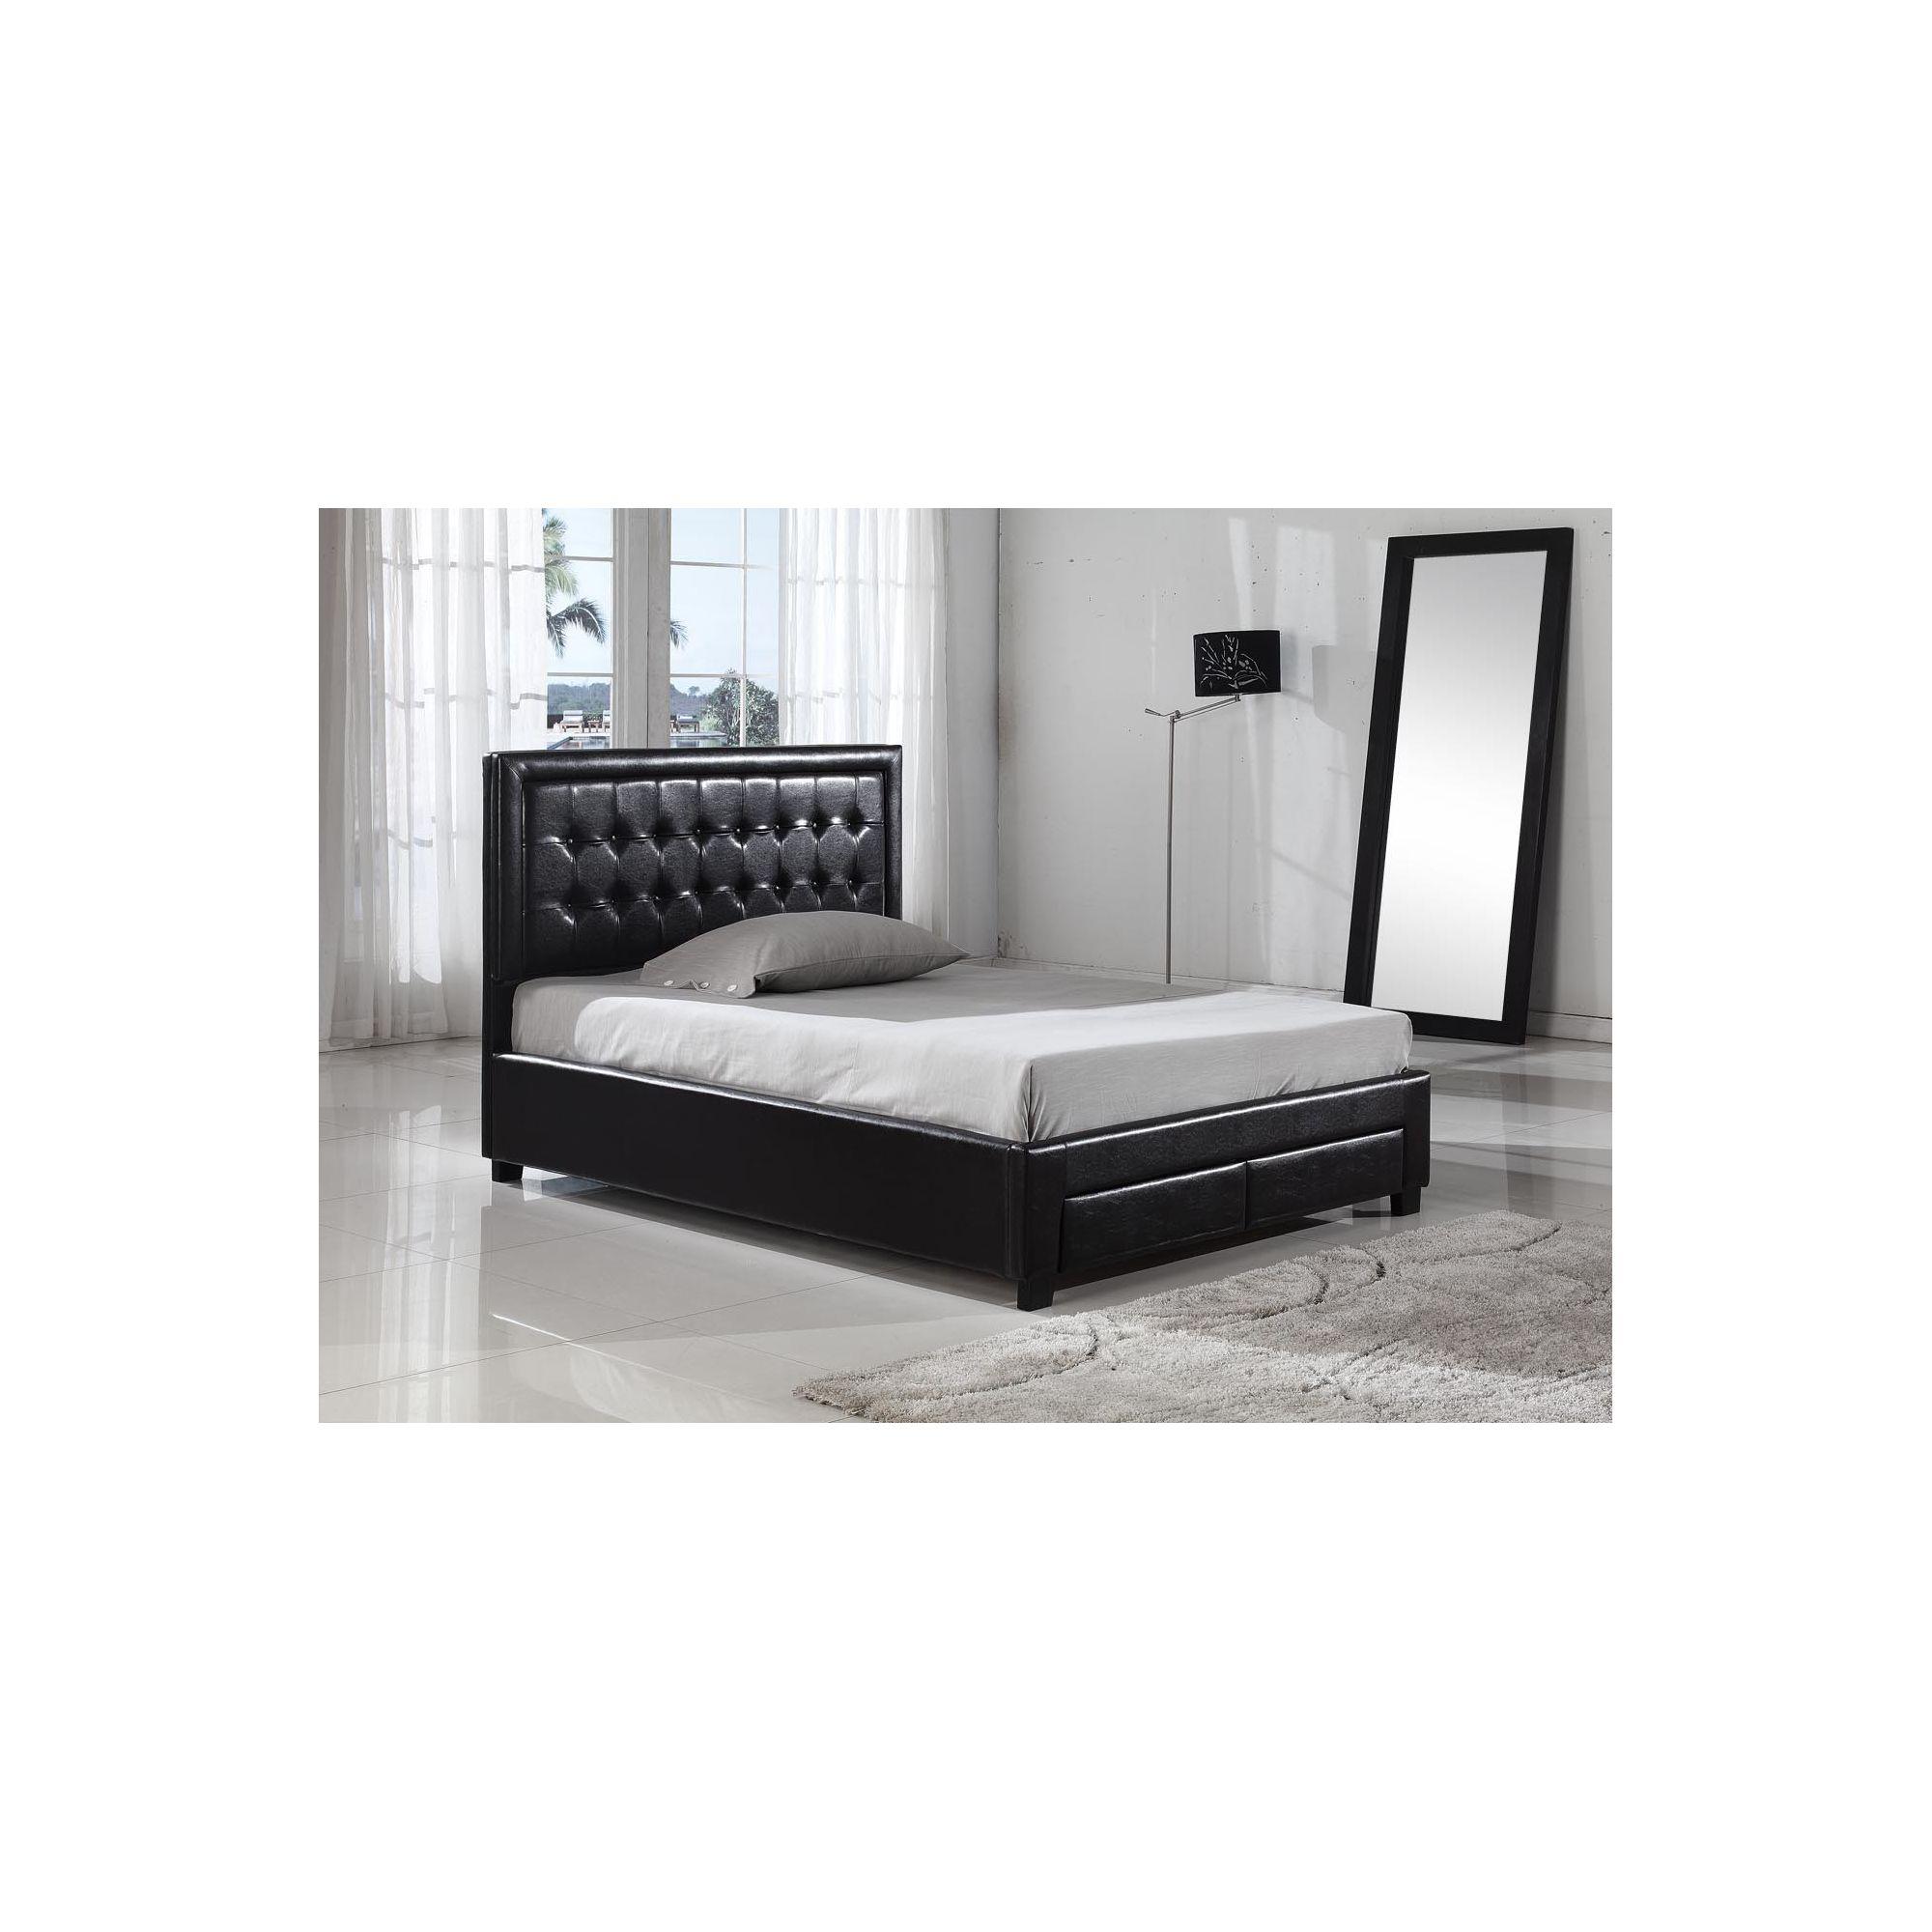 Interiors 2 suit Verona Bedframe - Brown - King at Tesco Direct